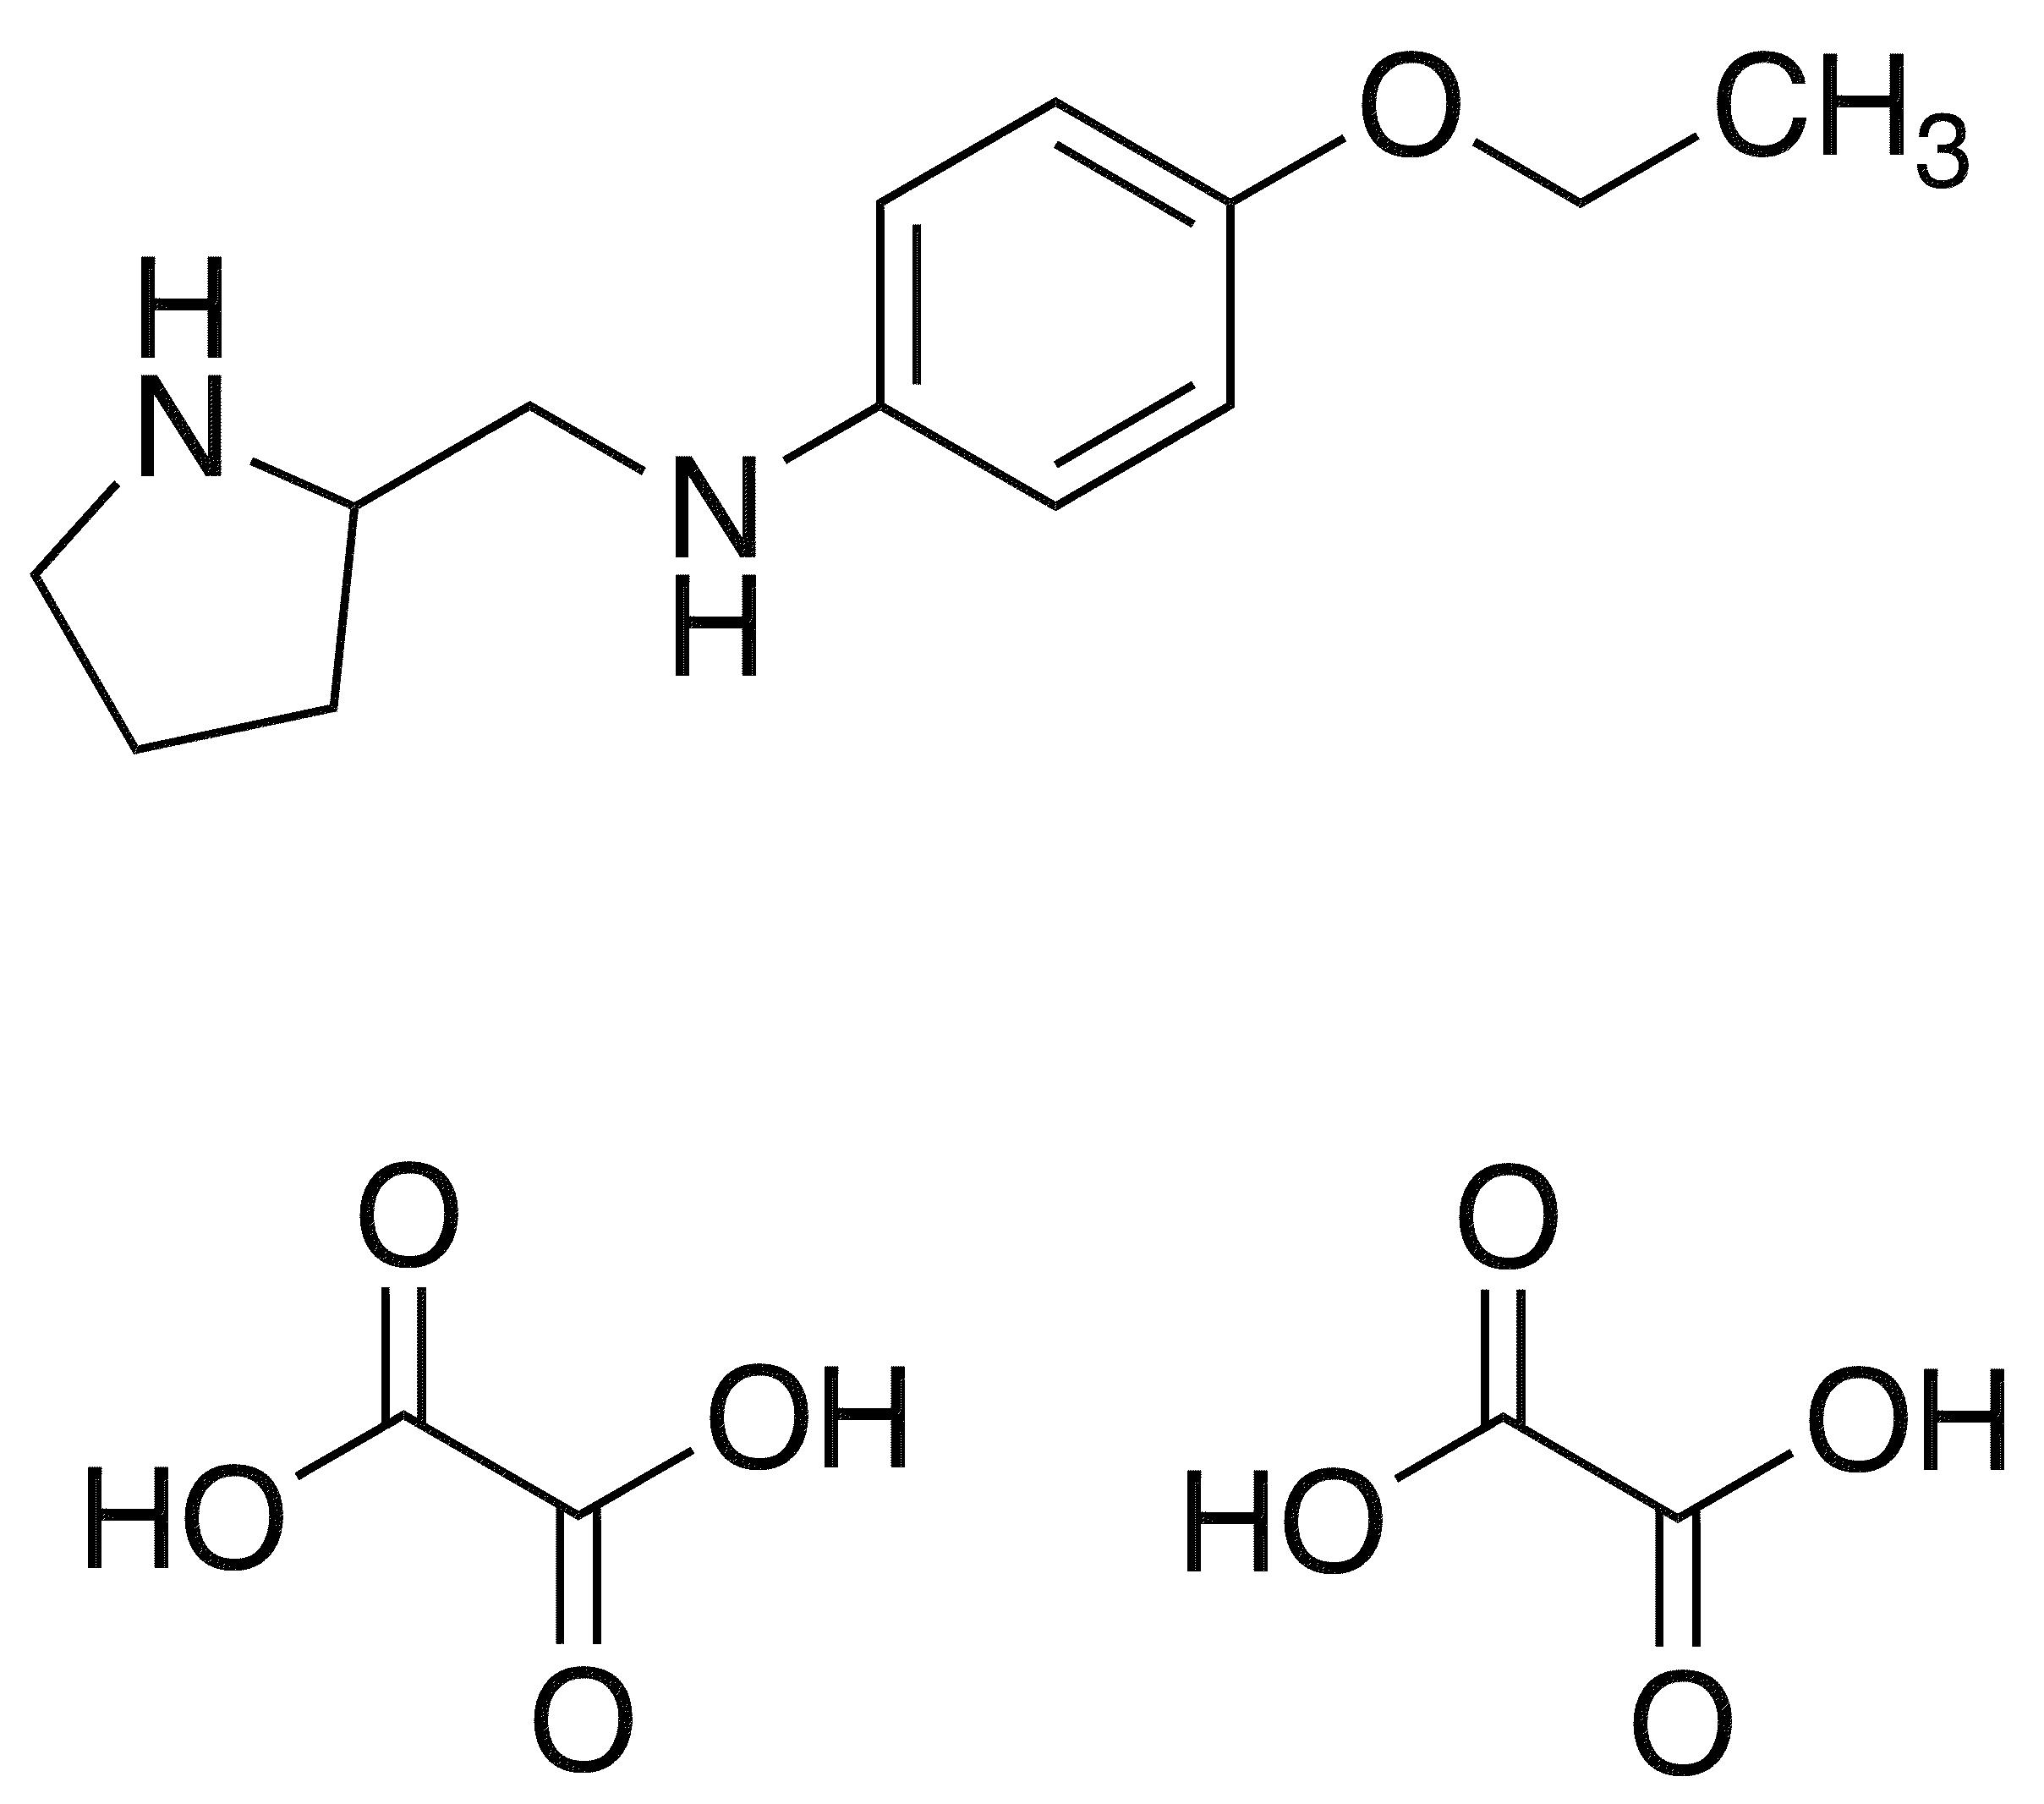 4-Ethoxy-n-(2-pyrrolidinylmethyl)aniline Dioxalate